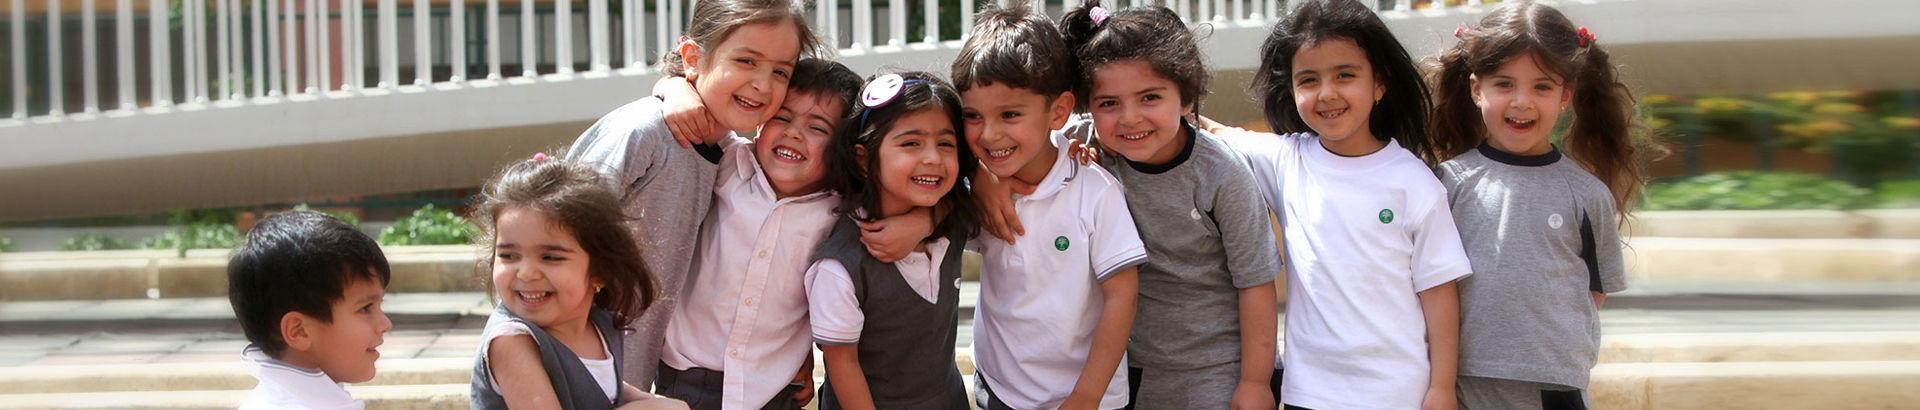 The International School of Choueifat - Umm Al Quwain